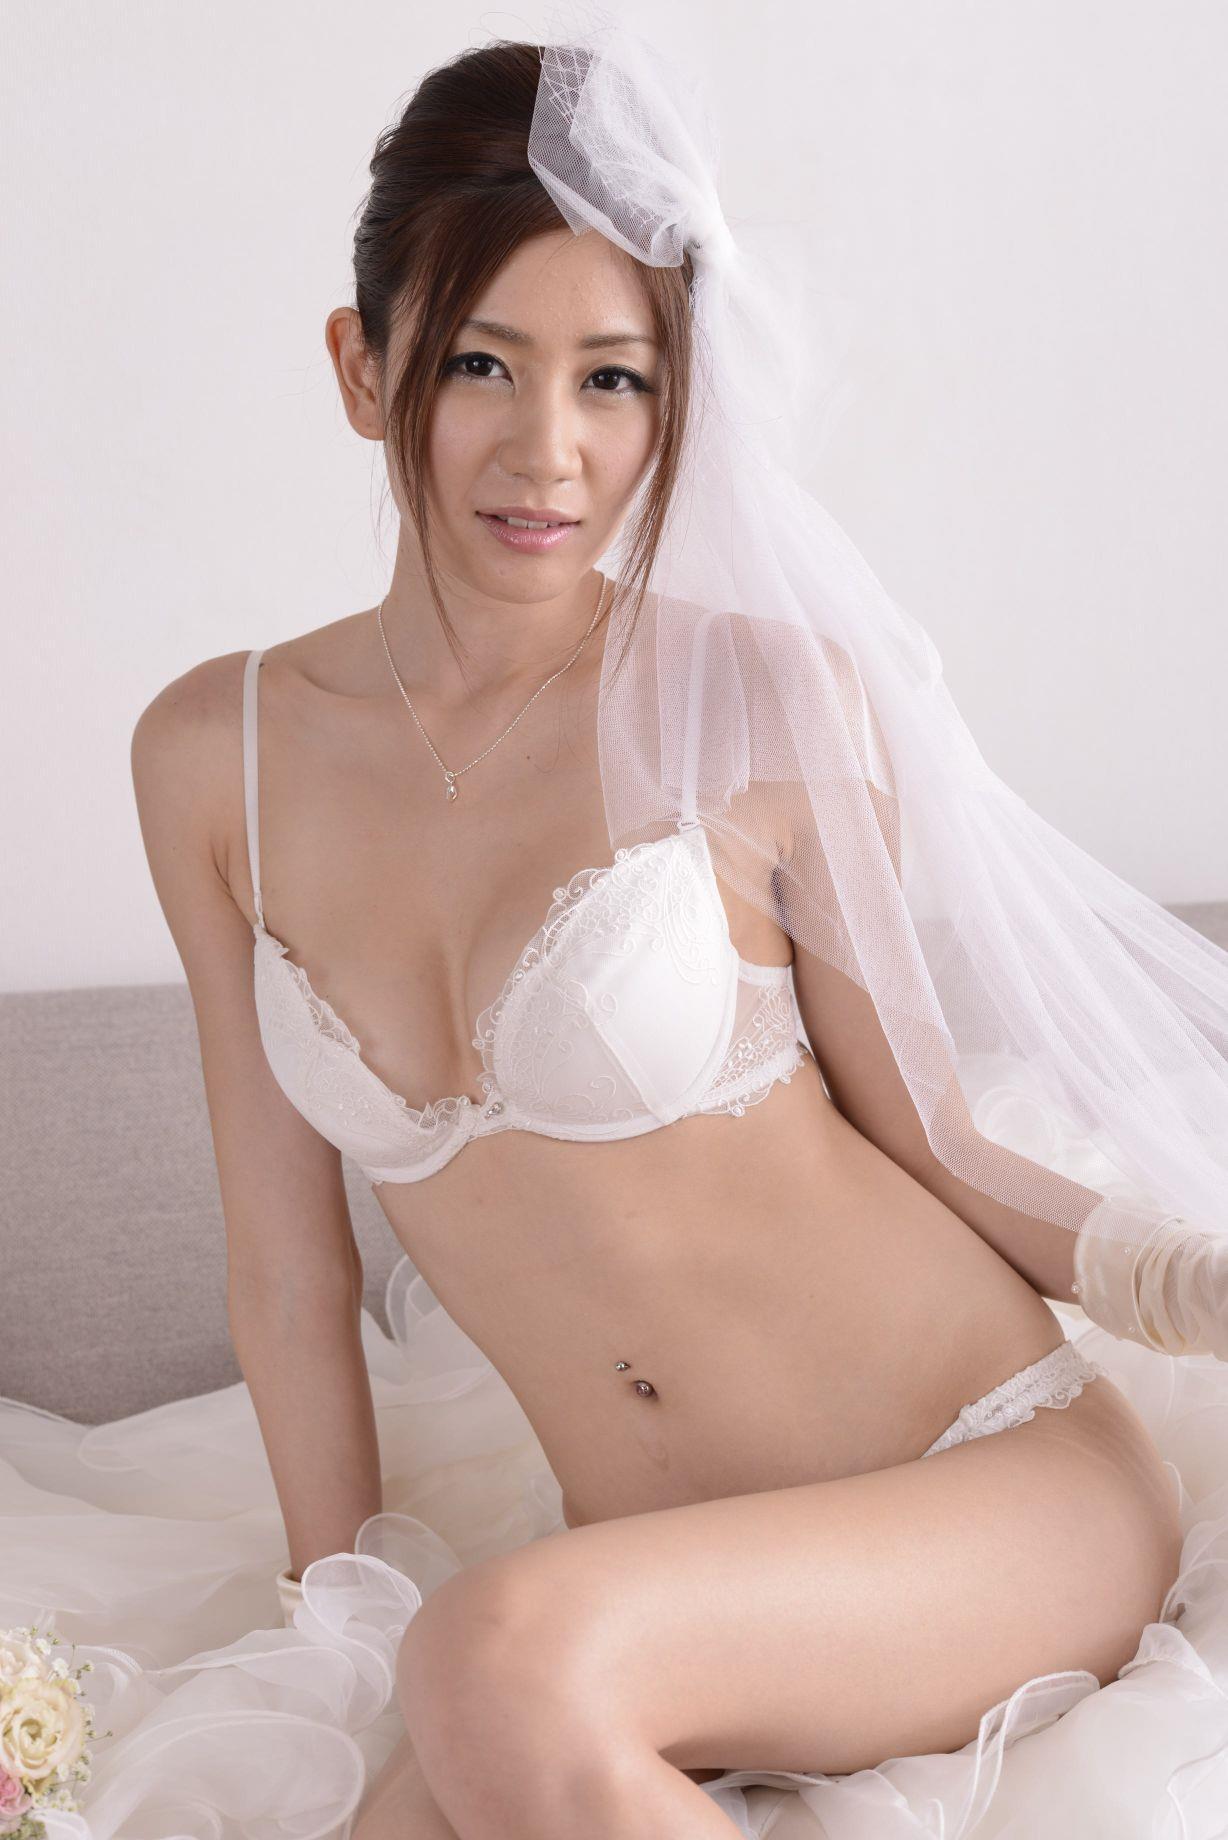 前田かおり ウェディングドレス画像 50